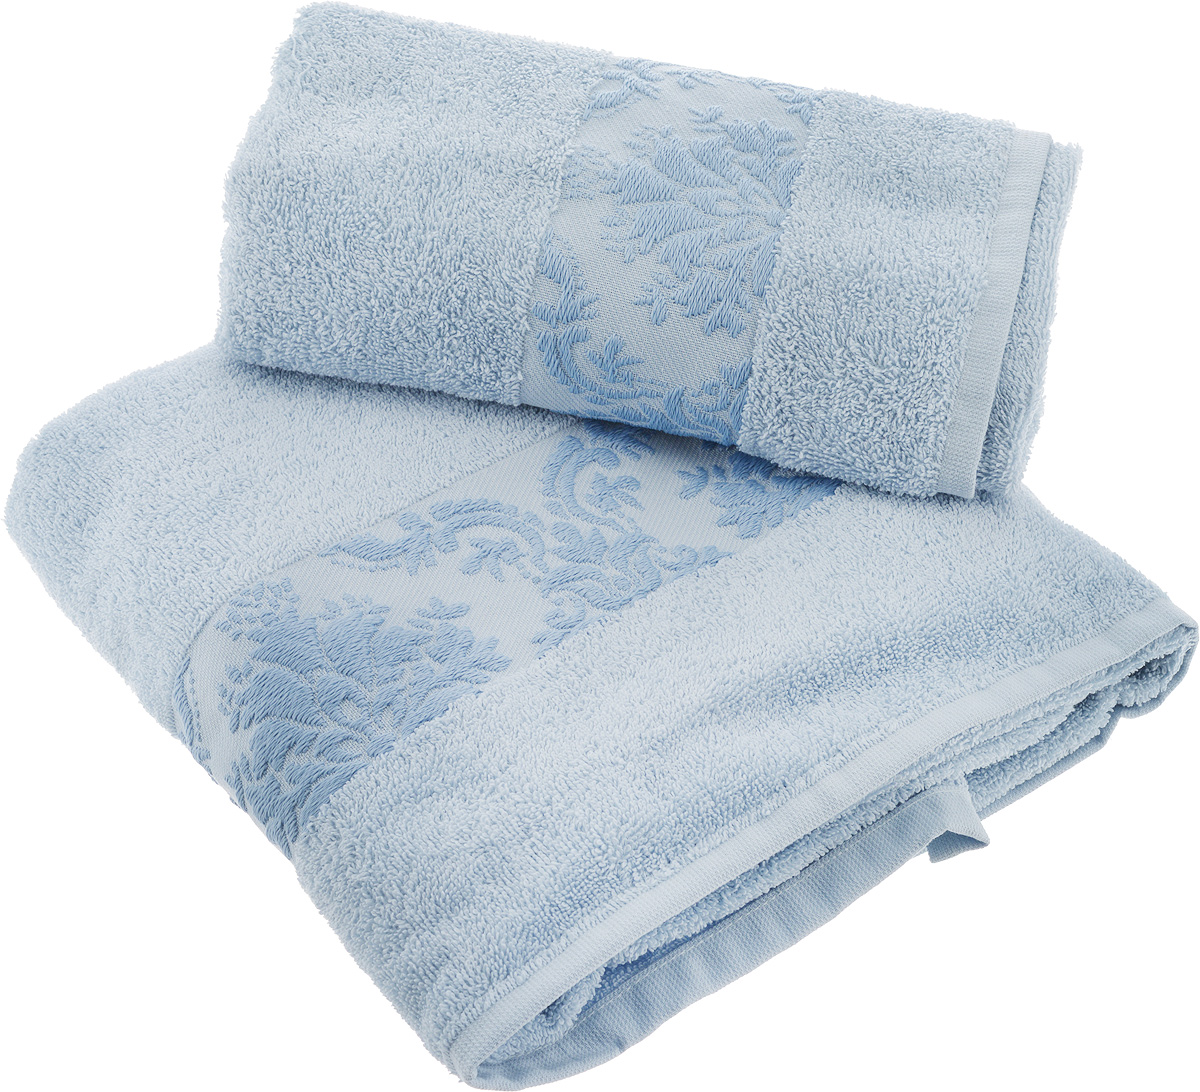 Набор махровых полотенец Hobby Home Collection Ruzanna, цвет: голубой, 2 шт68/5/3Набор Hobby Home Collection Ruzanna состоит из 2 махровых полотенец, выполненных из натурального 100% хлопка. Изделия отлично впитывают влагу, быстро сохнут, сохраняют яркость цвета и не теряют формы даже после многократных стирок.Изделия упакованы в подарочную коробку.Размер маленького полотенца: 50 х 90 см.Размер большого полотенца: 70 х 140 см.